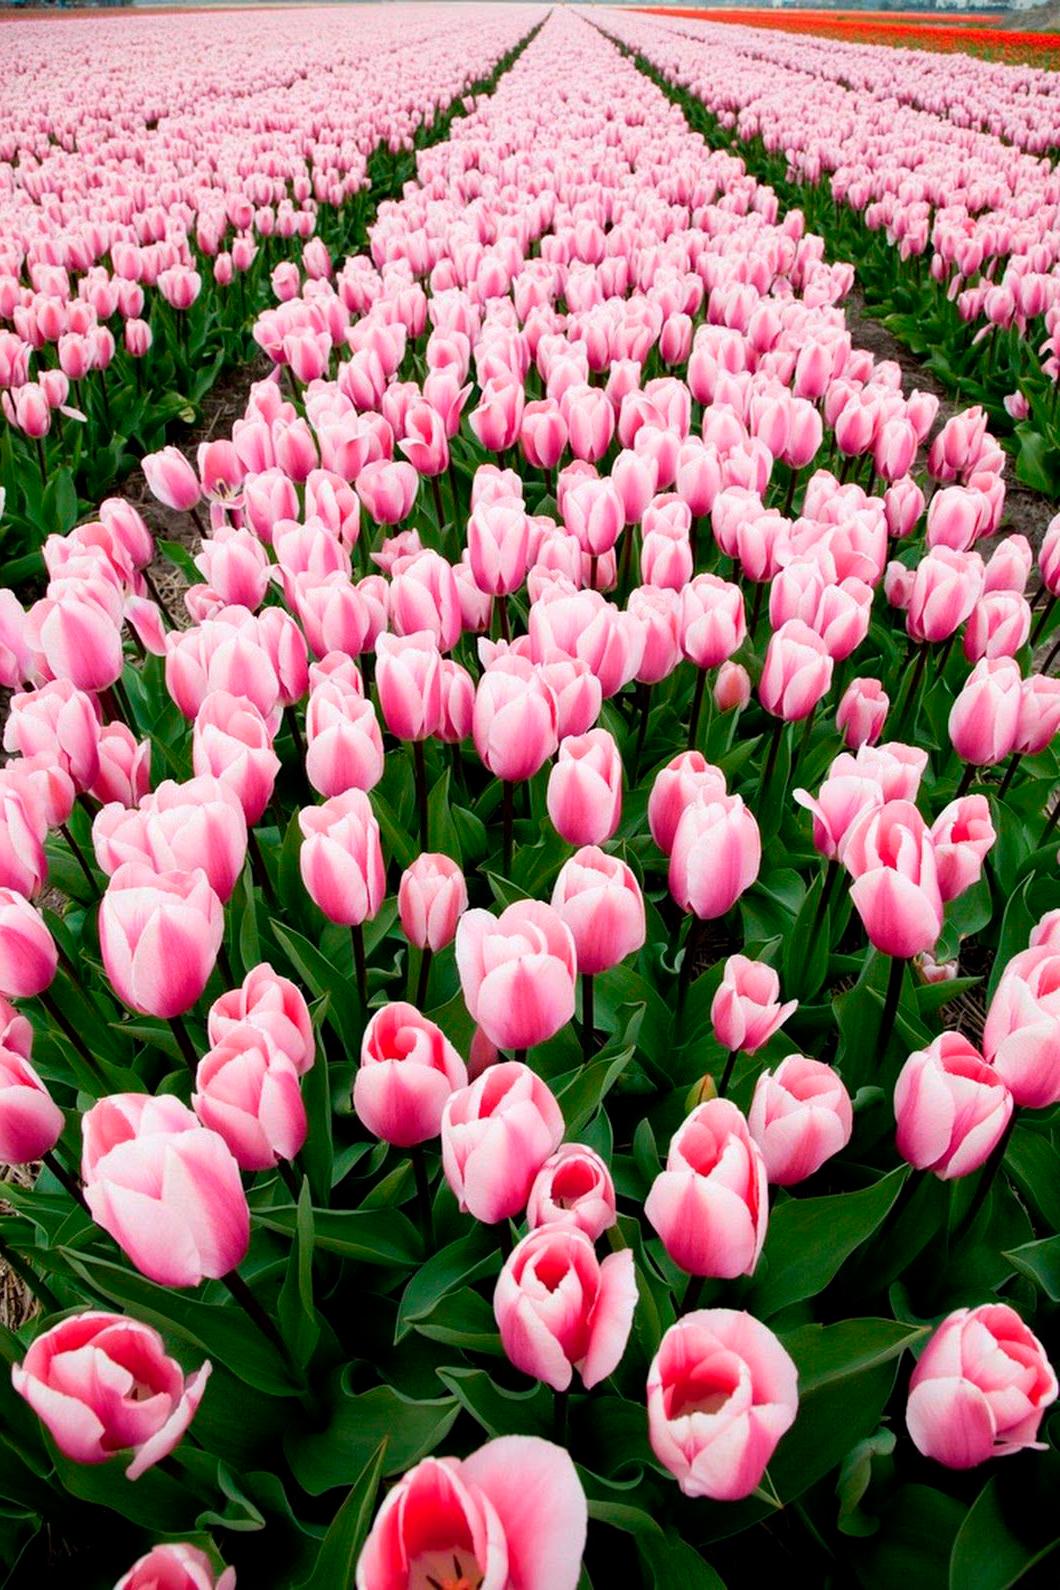 tulip-photo-136